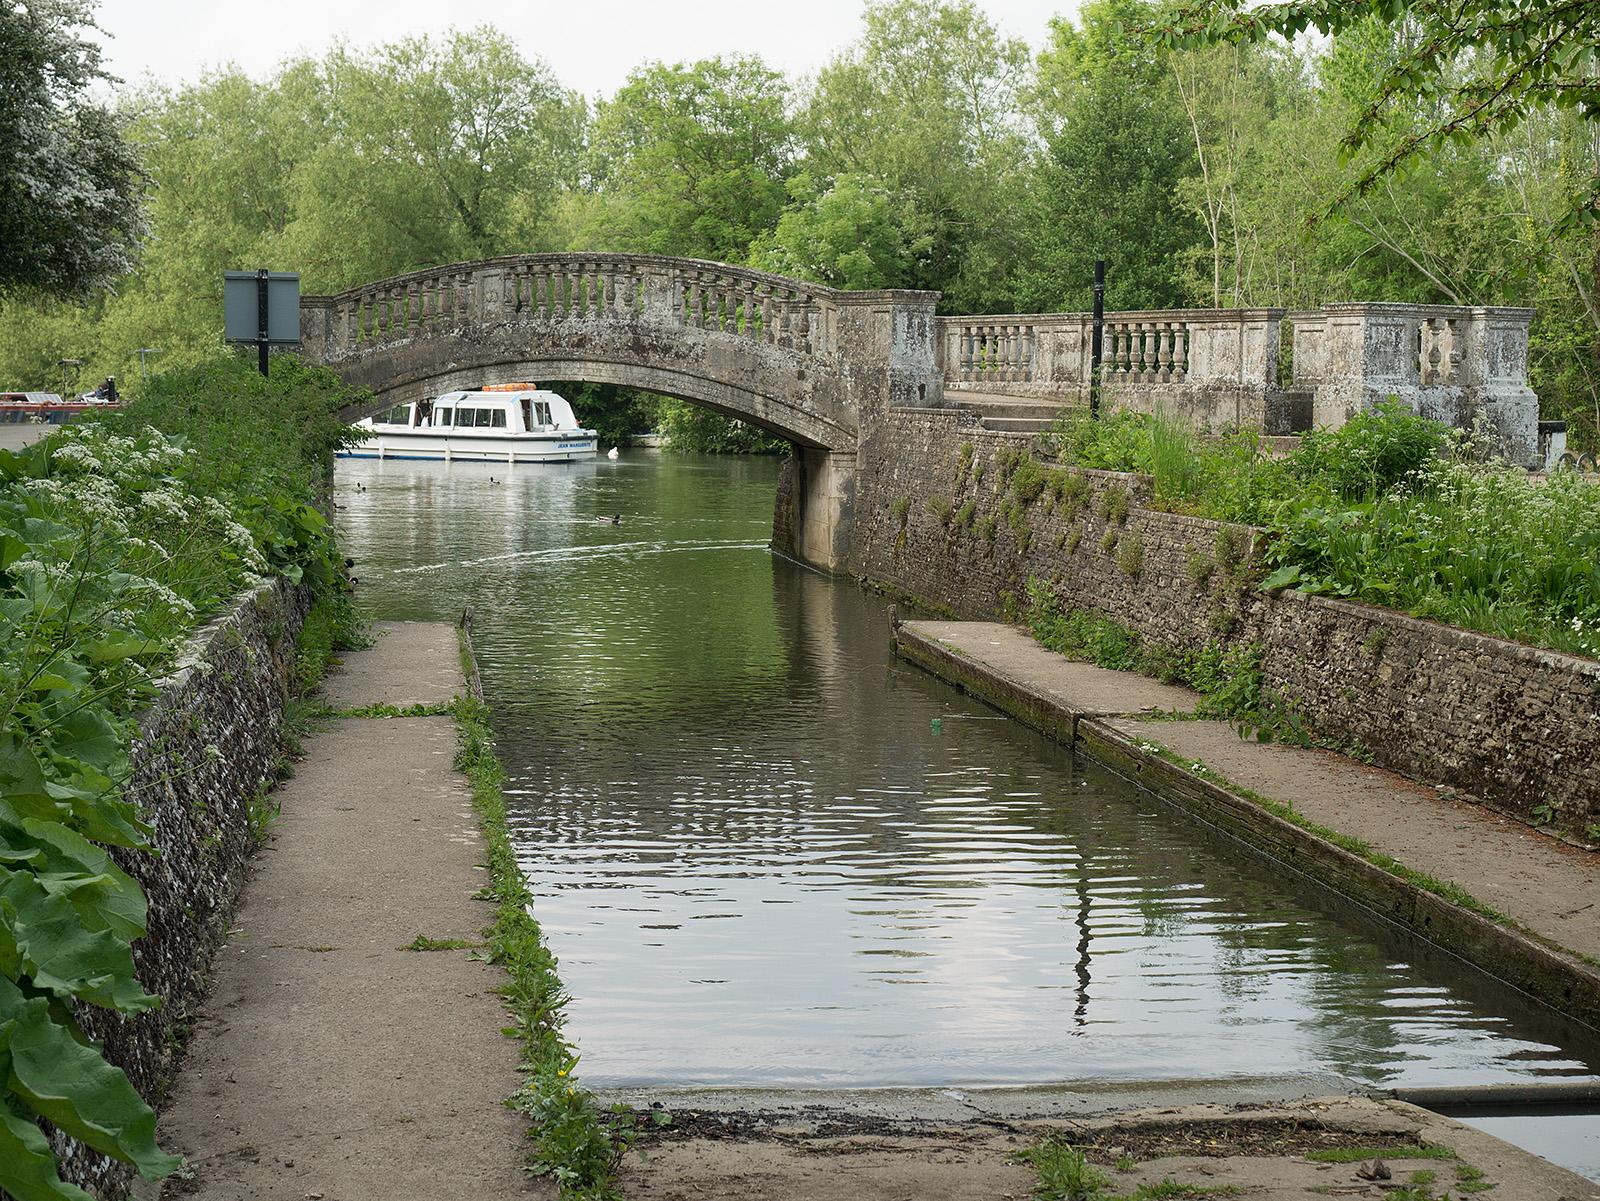 Bridge across slipway at Iffley lock